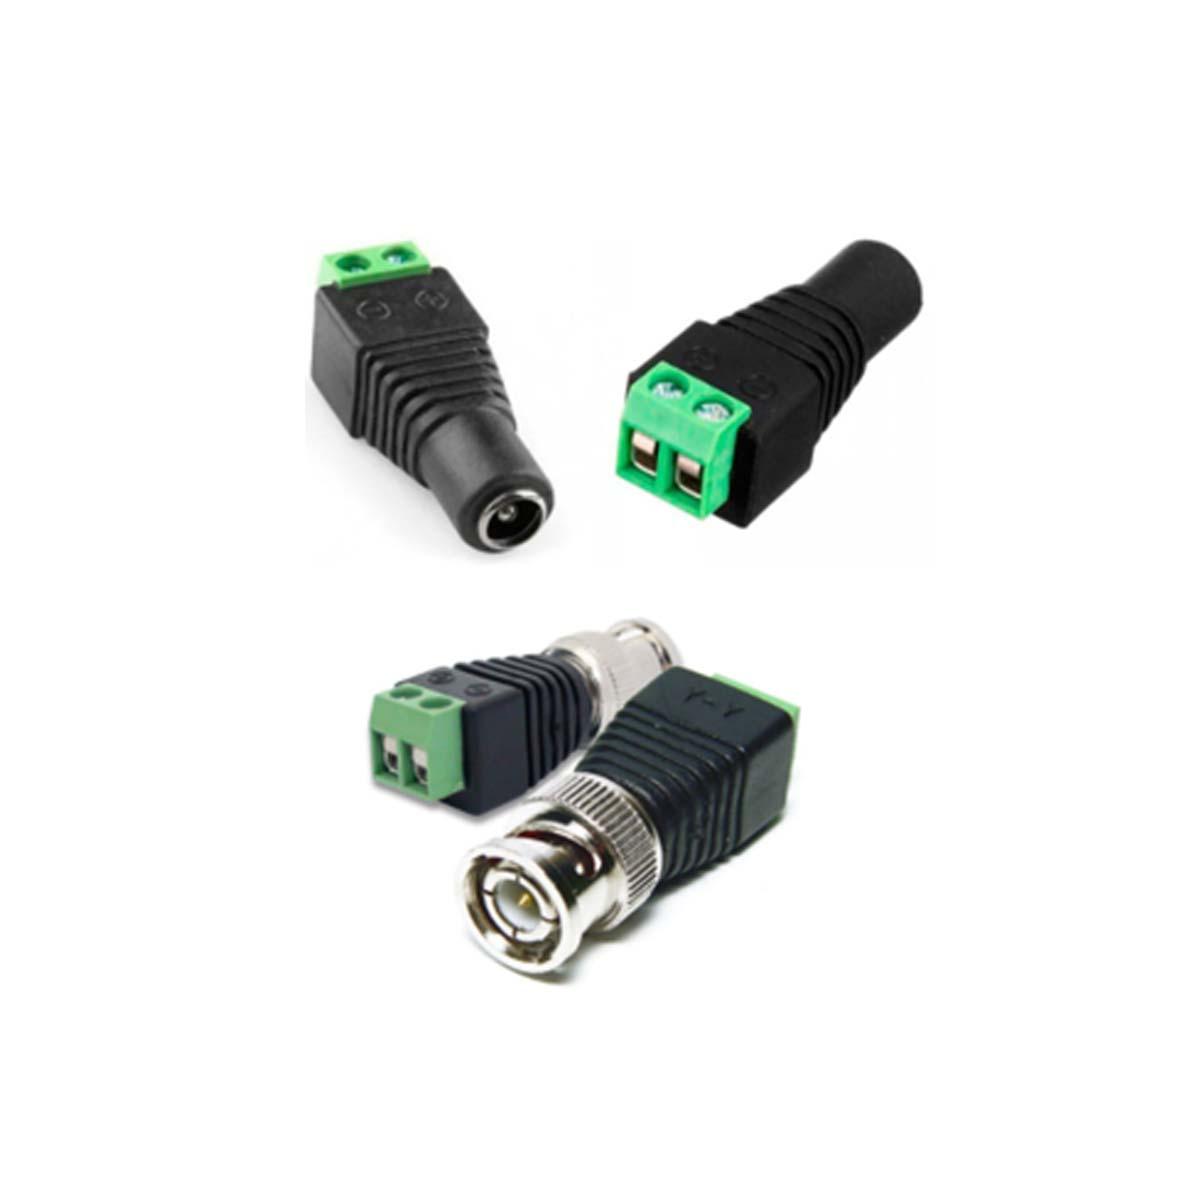 Kit CFTV 08 Câmeras VHD 1220 D Black G6 + MHDX 1116 C/HD 1TB + Acessórios